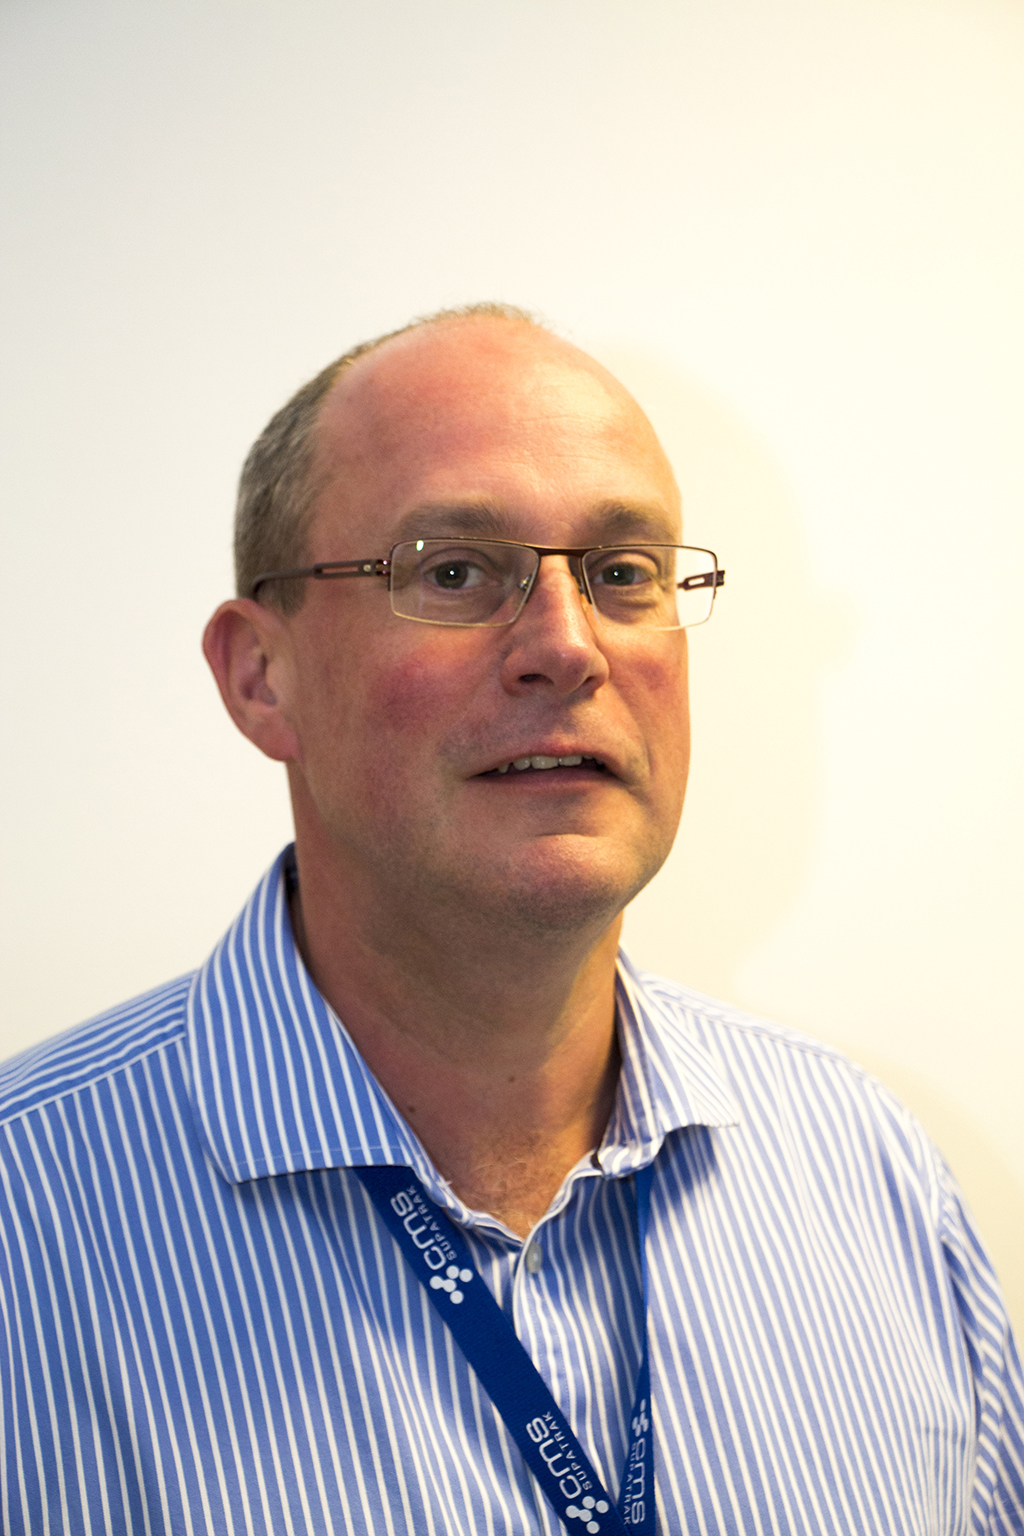 <strong>Jason Airey, Managing Director at CMS SupaTrak</strong>